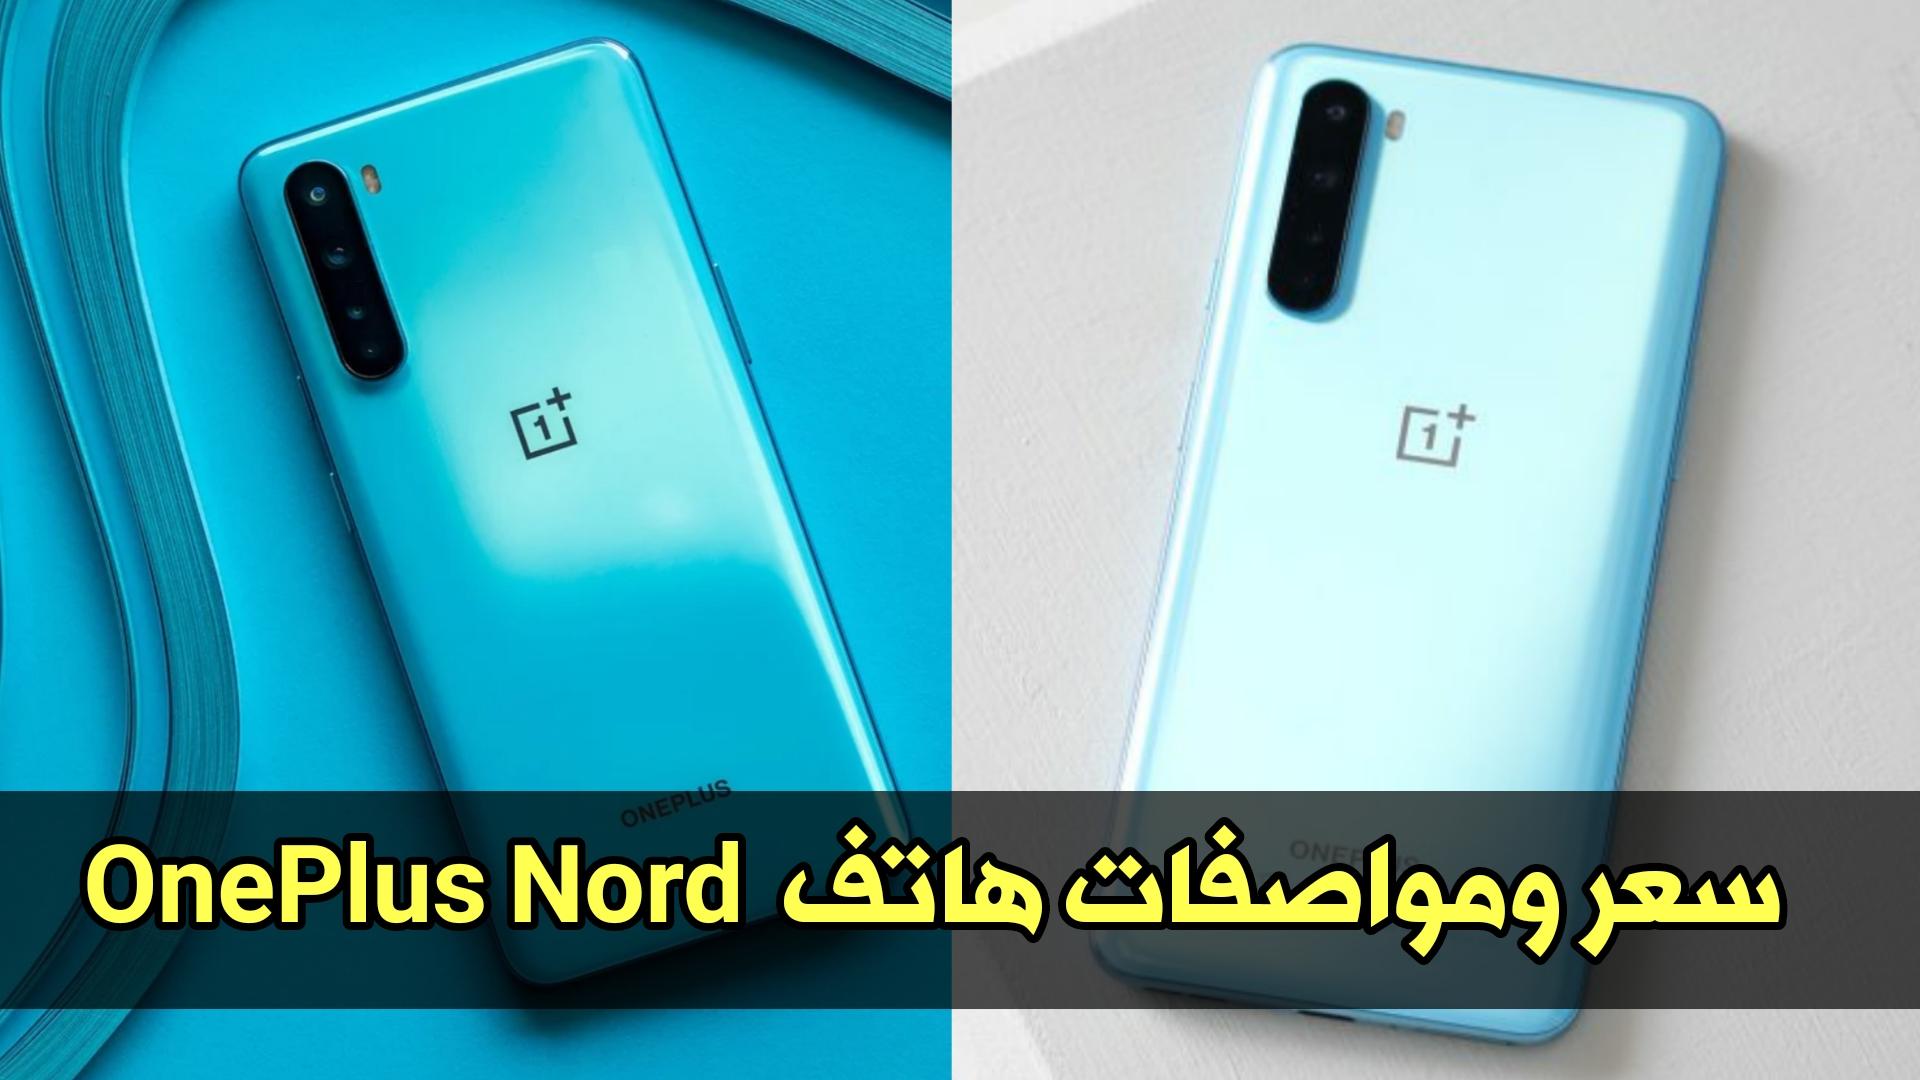 تسريبات هاتف OnePlus Nord بسعر 400 دولار سيوفر قريبا في الولايات المتحدة الآمريكي